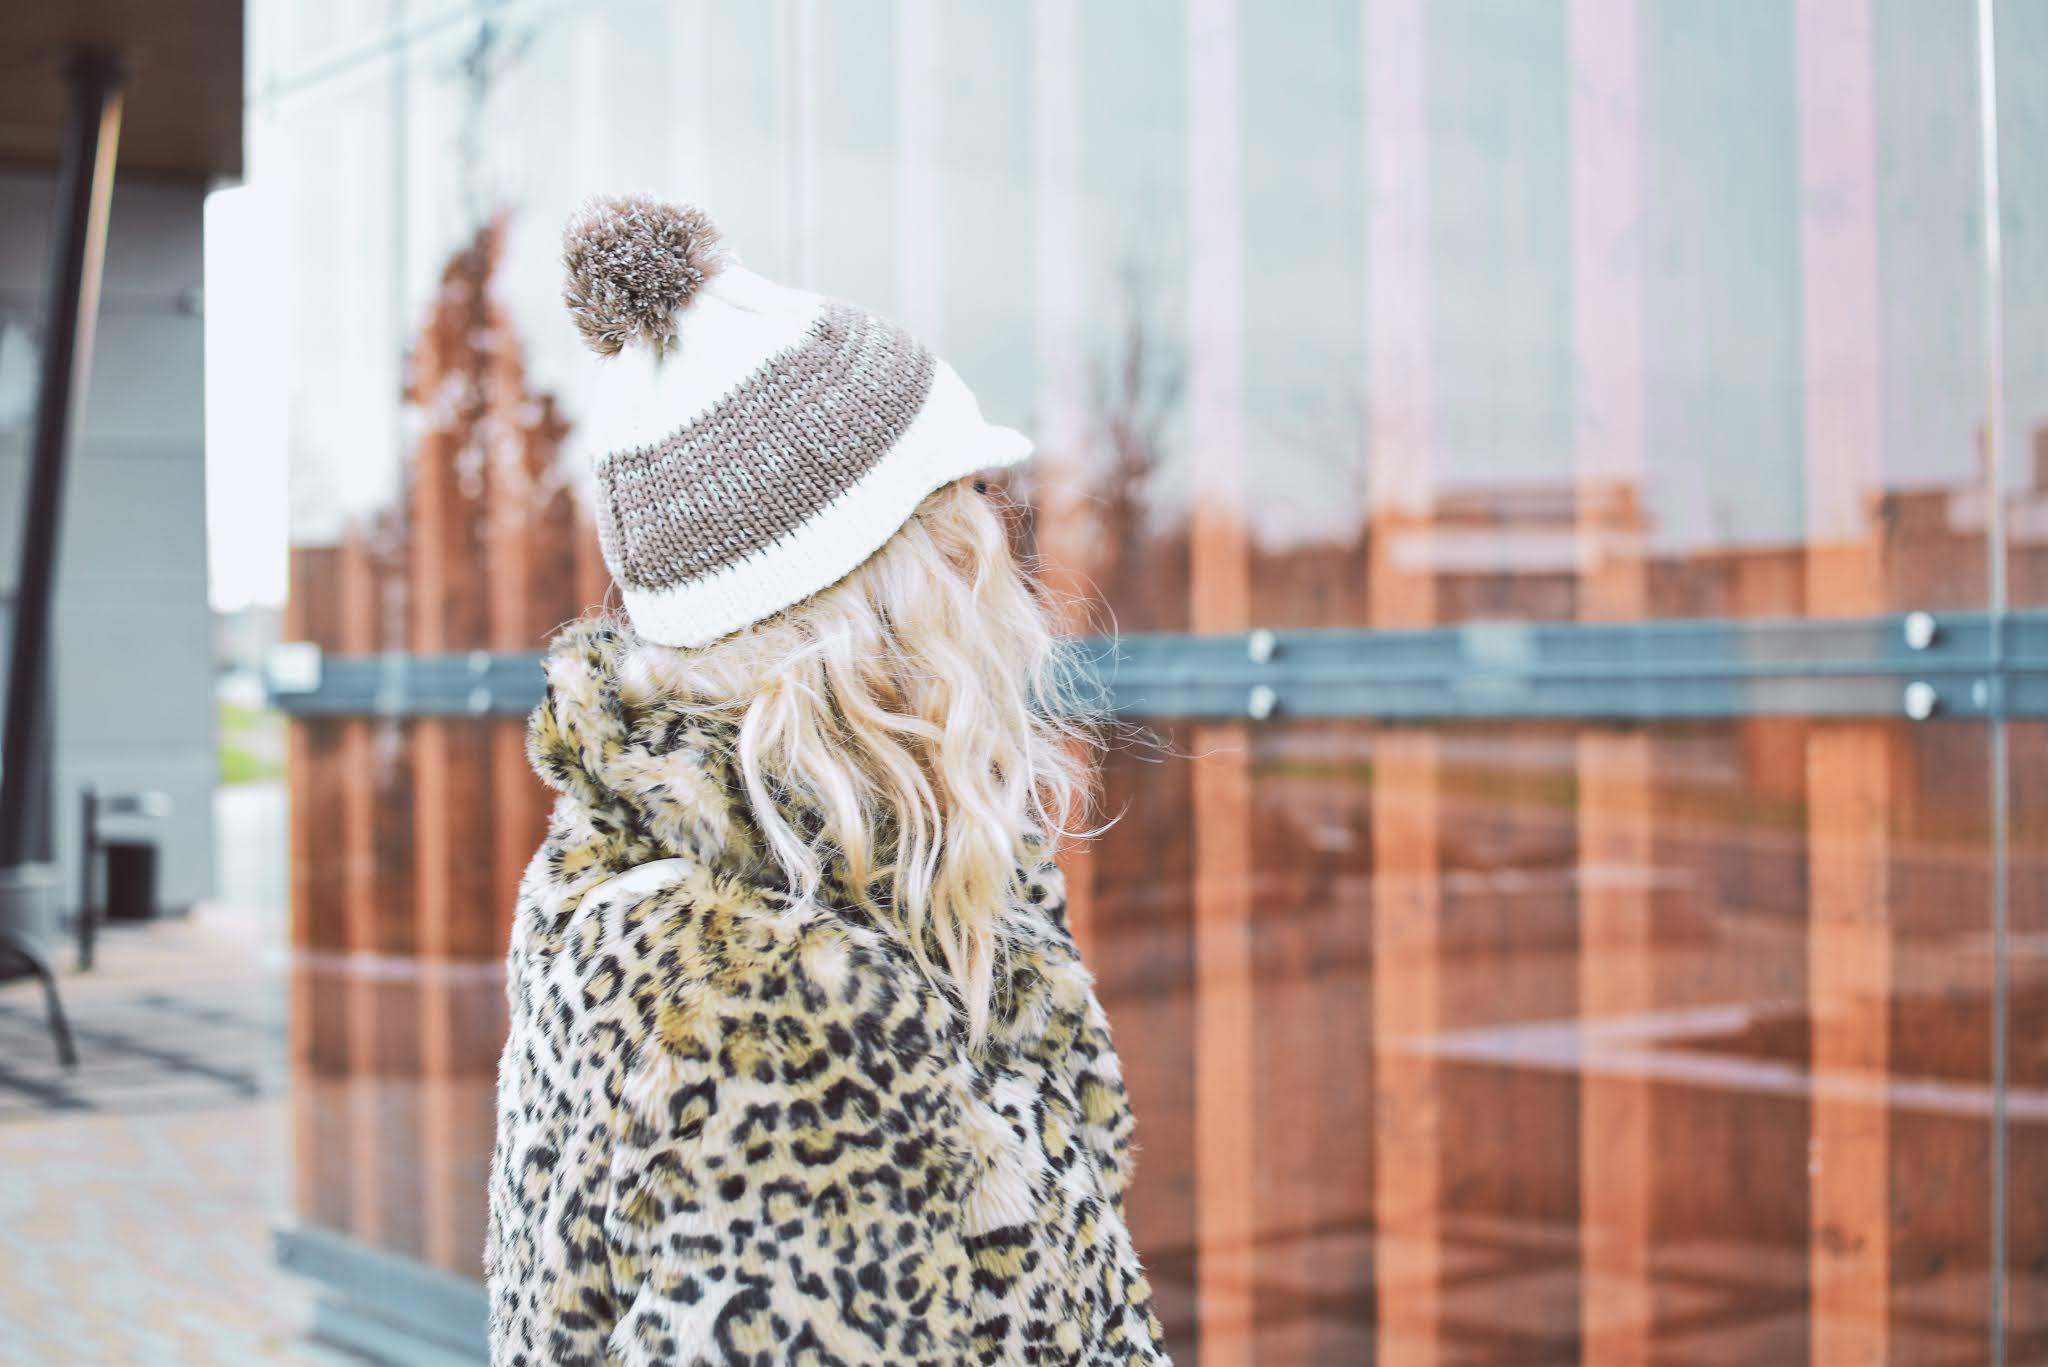 zima, czapka,rękawiczki,szaleo,futro,panterka,moda,sukienka,bonprix,bonprix.pl,sukienkadresowa,rajstopy,e-marilyn.pl,kozaki,pantofelek24,dworzec,